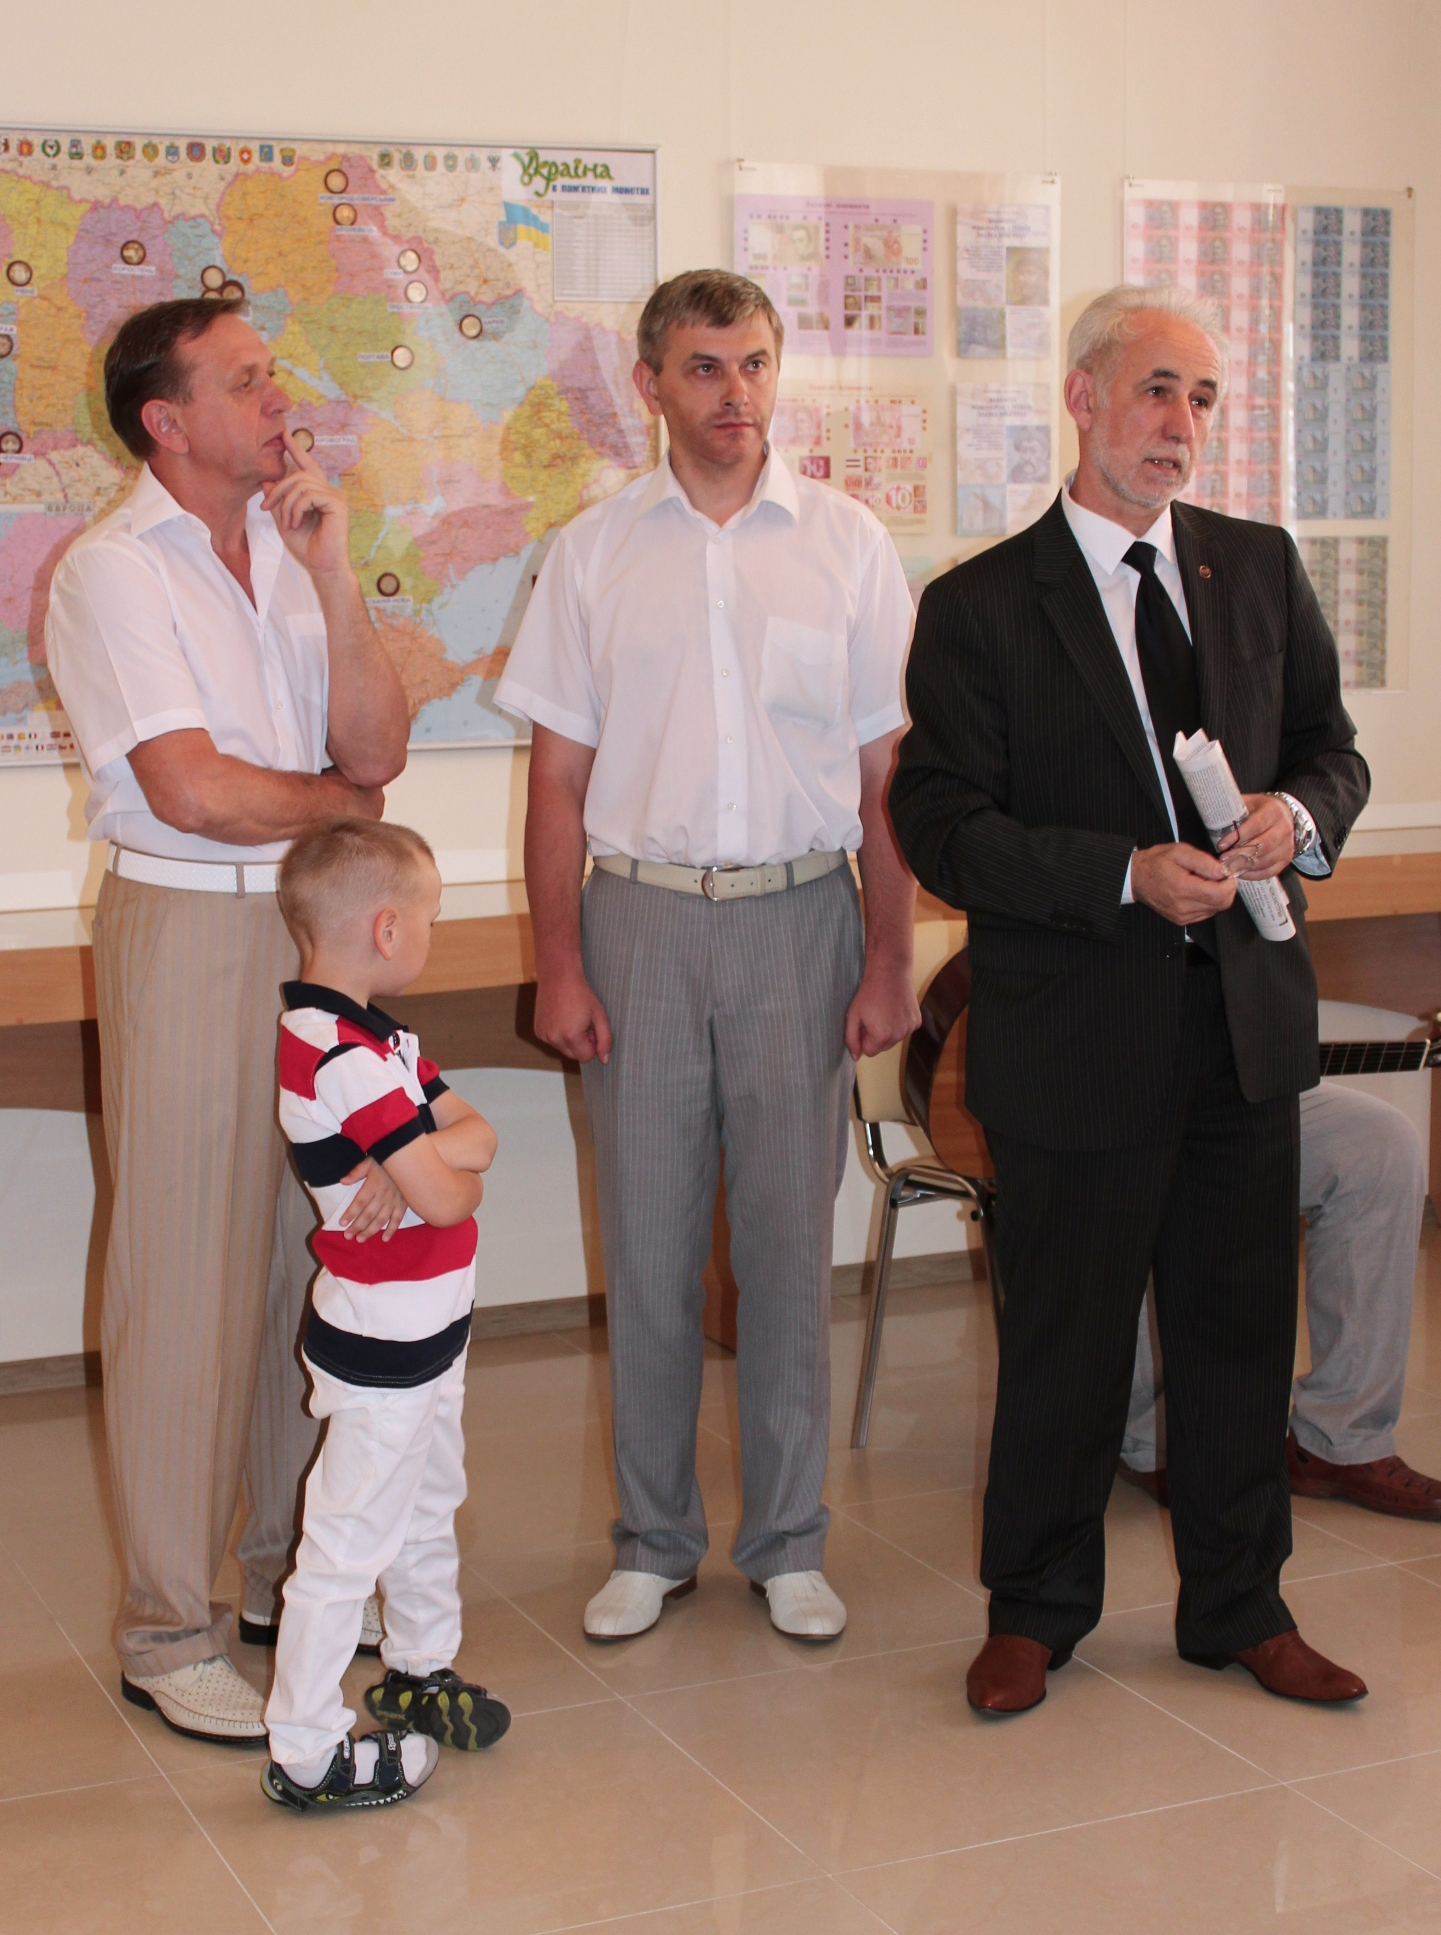 Открытие выставки - М.И. Бондарь, В. П. Томашин, Н.Н. Цуканов